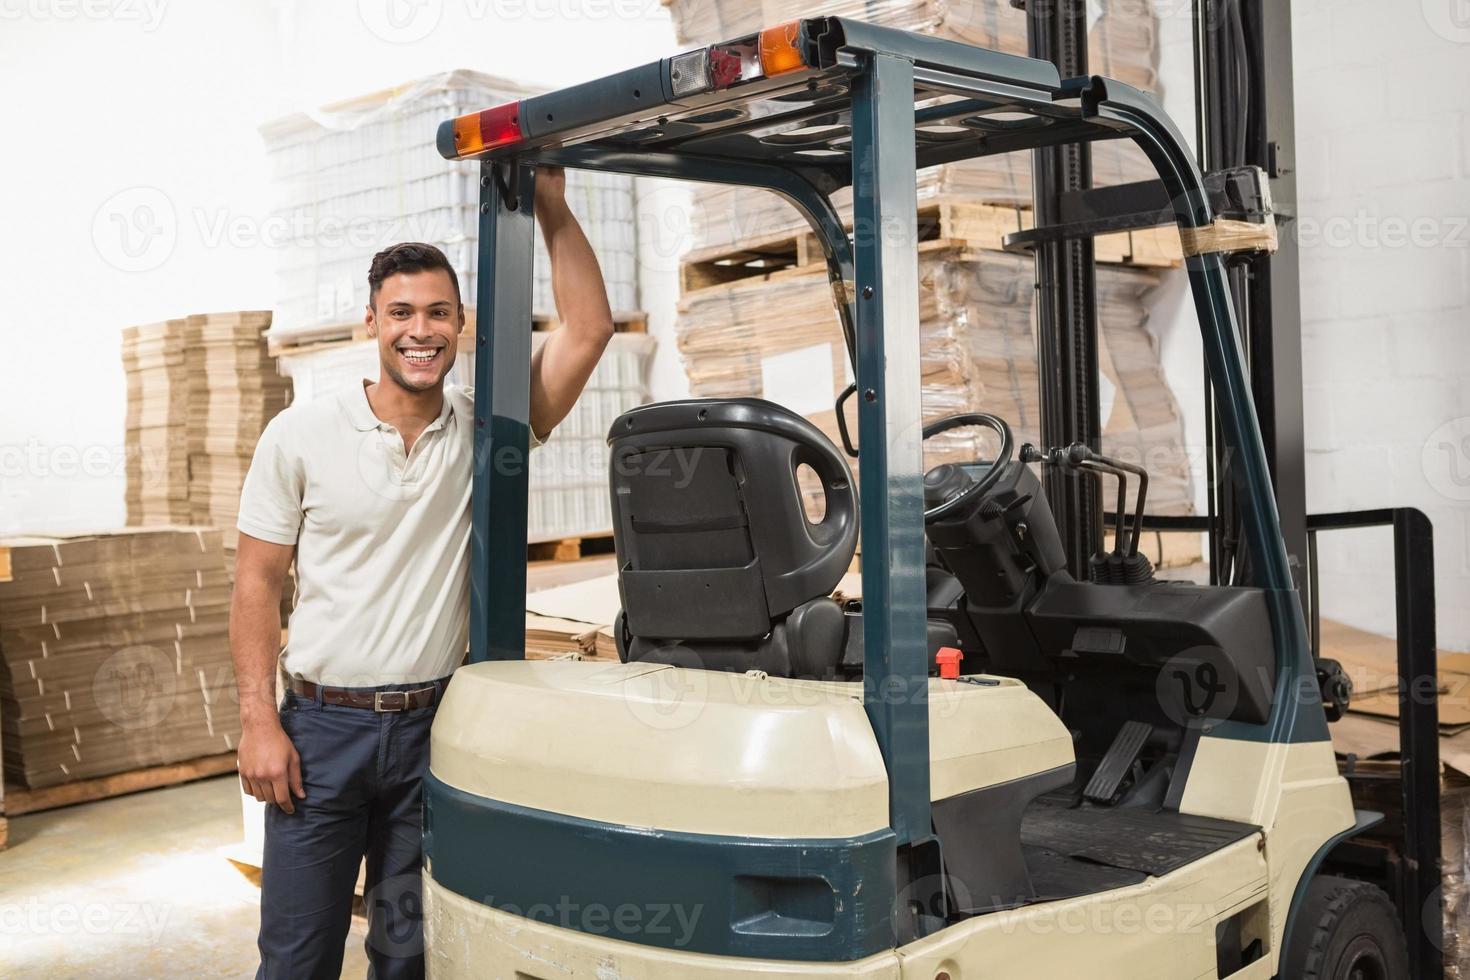 lavoratore manuale appoggiato al carrello elevatore foto